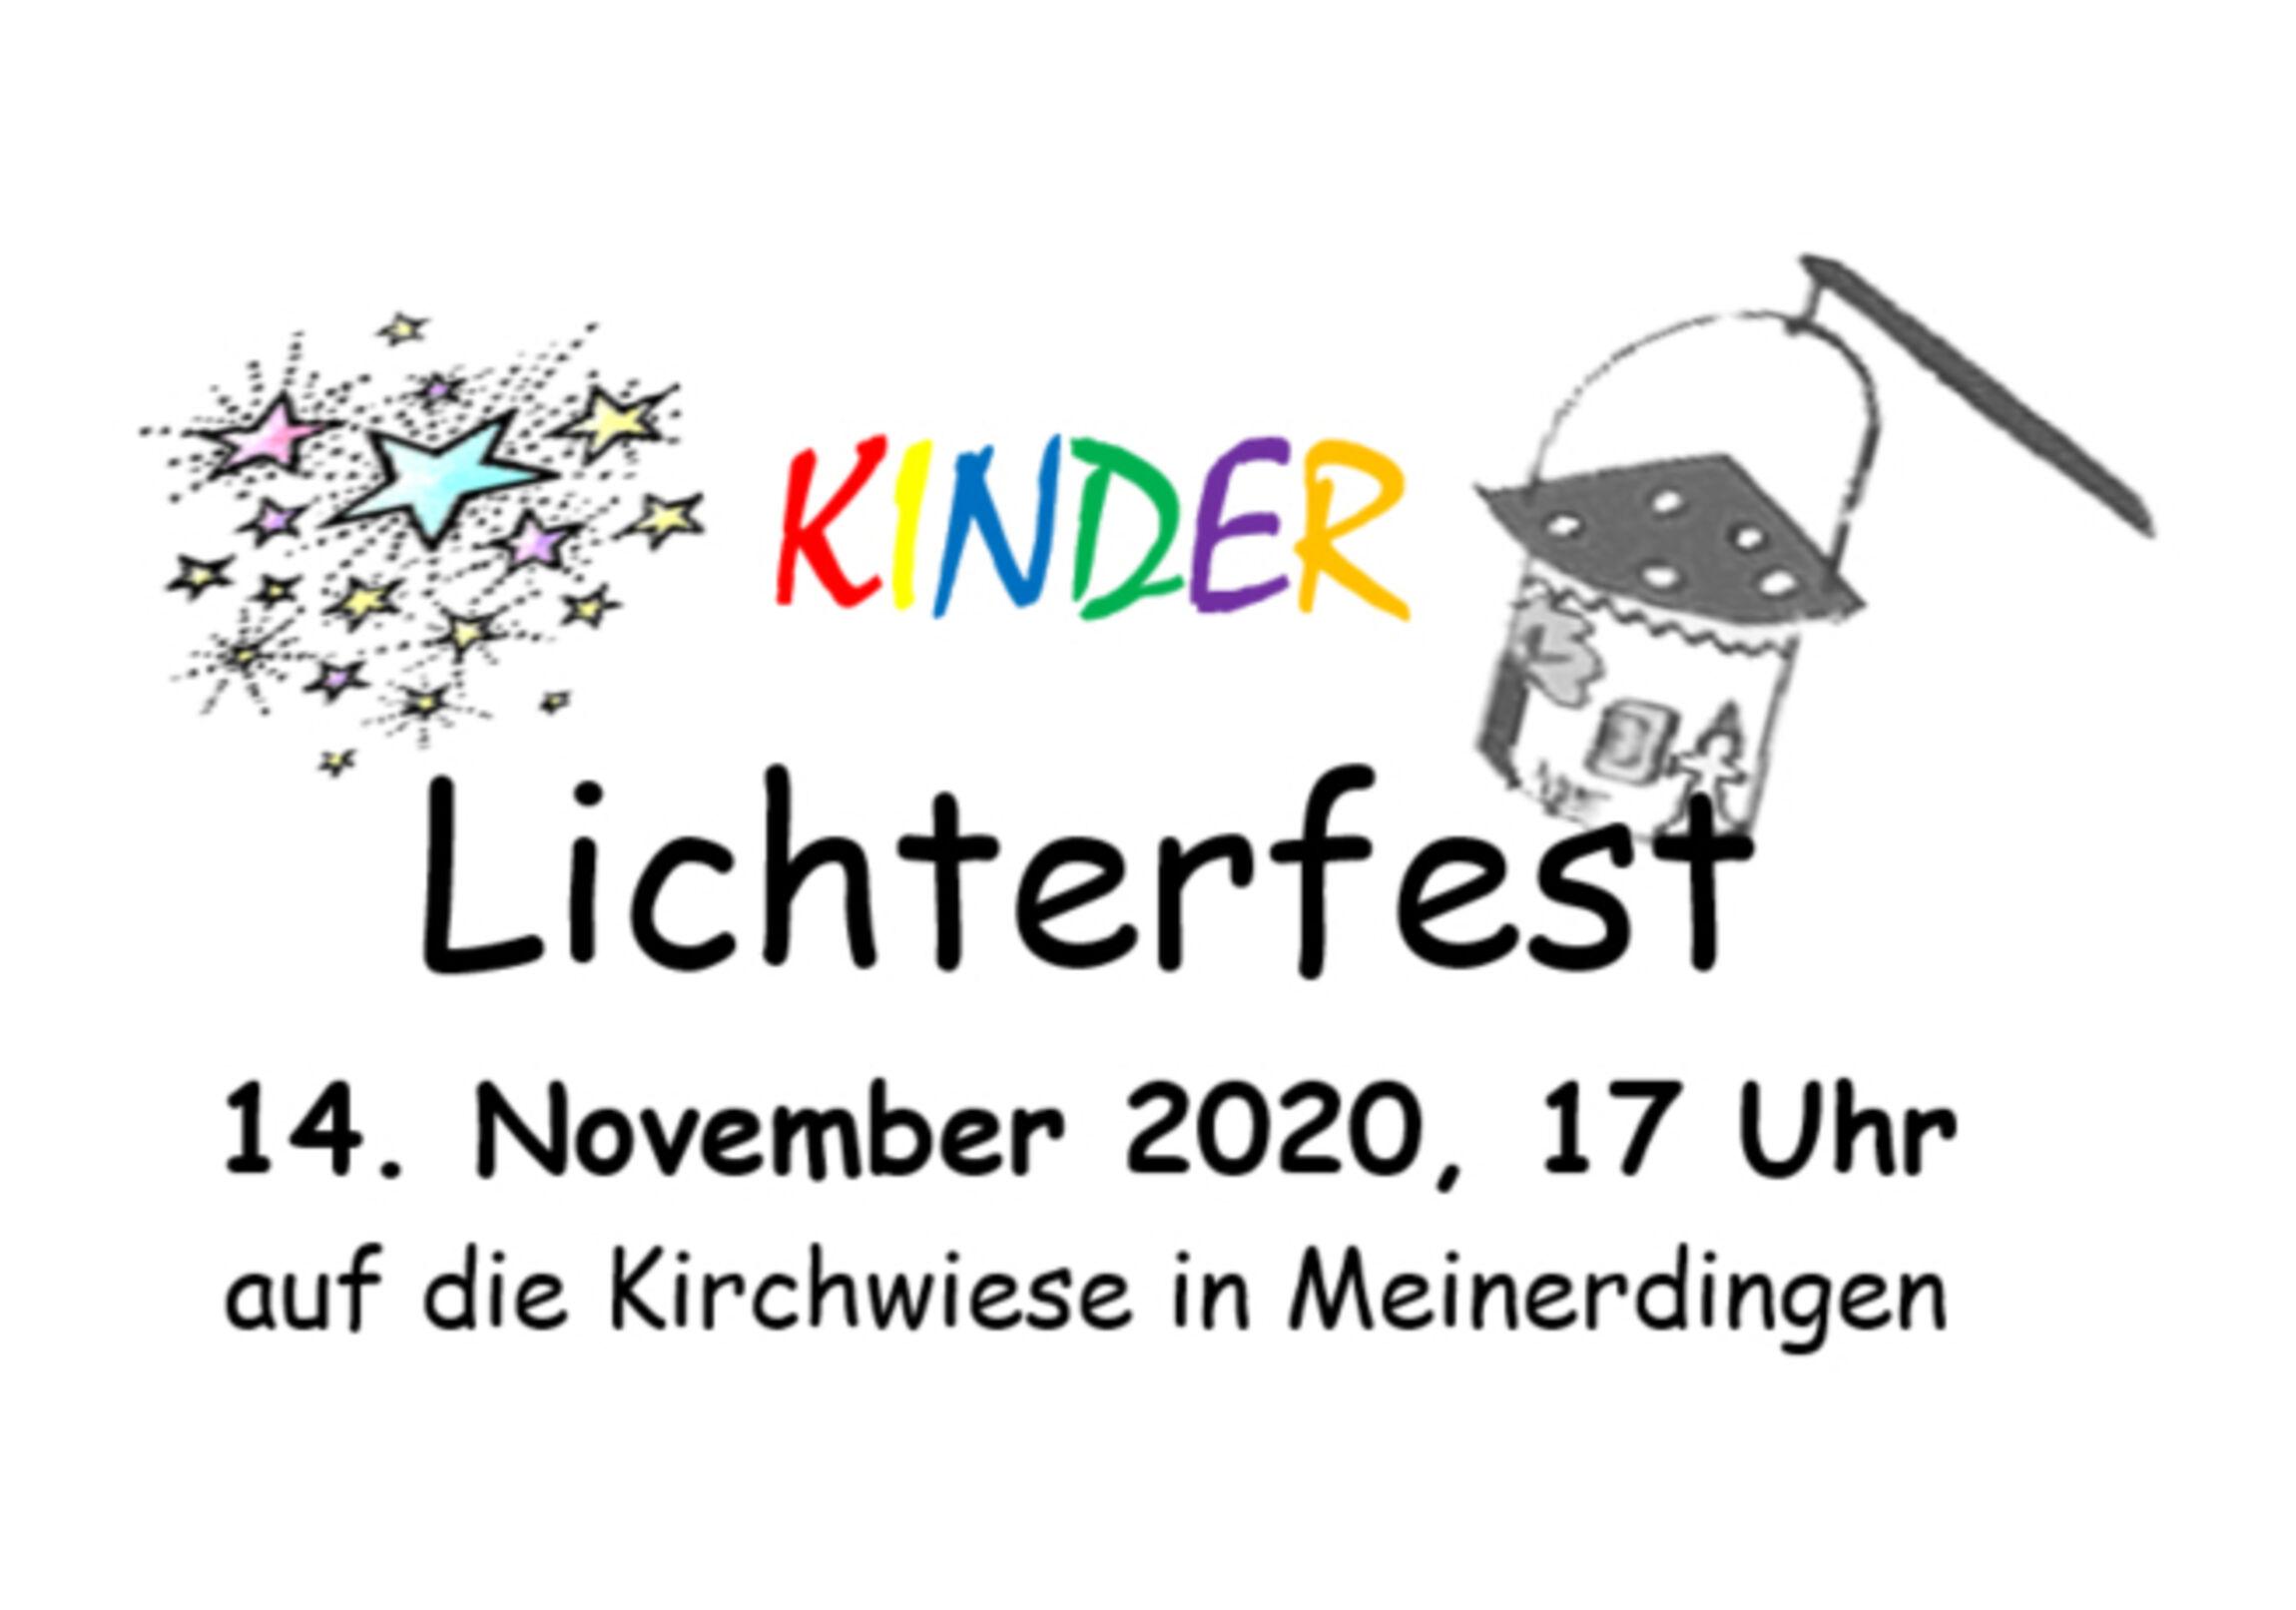 Kinder-Lichterfest 2020